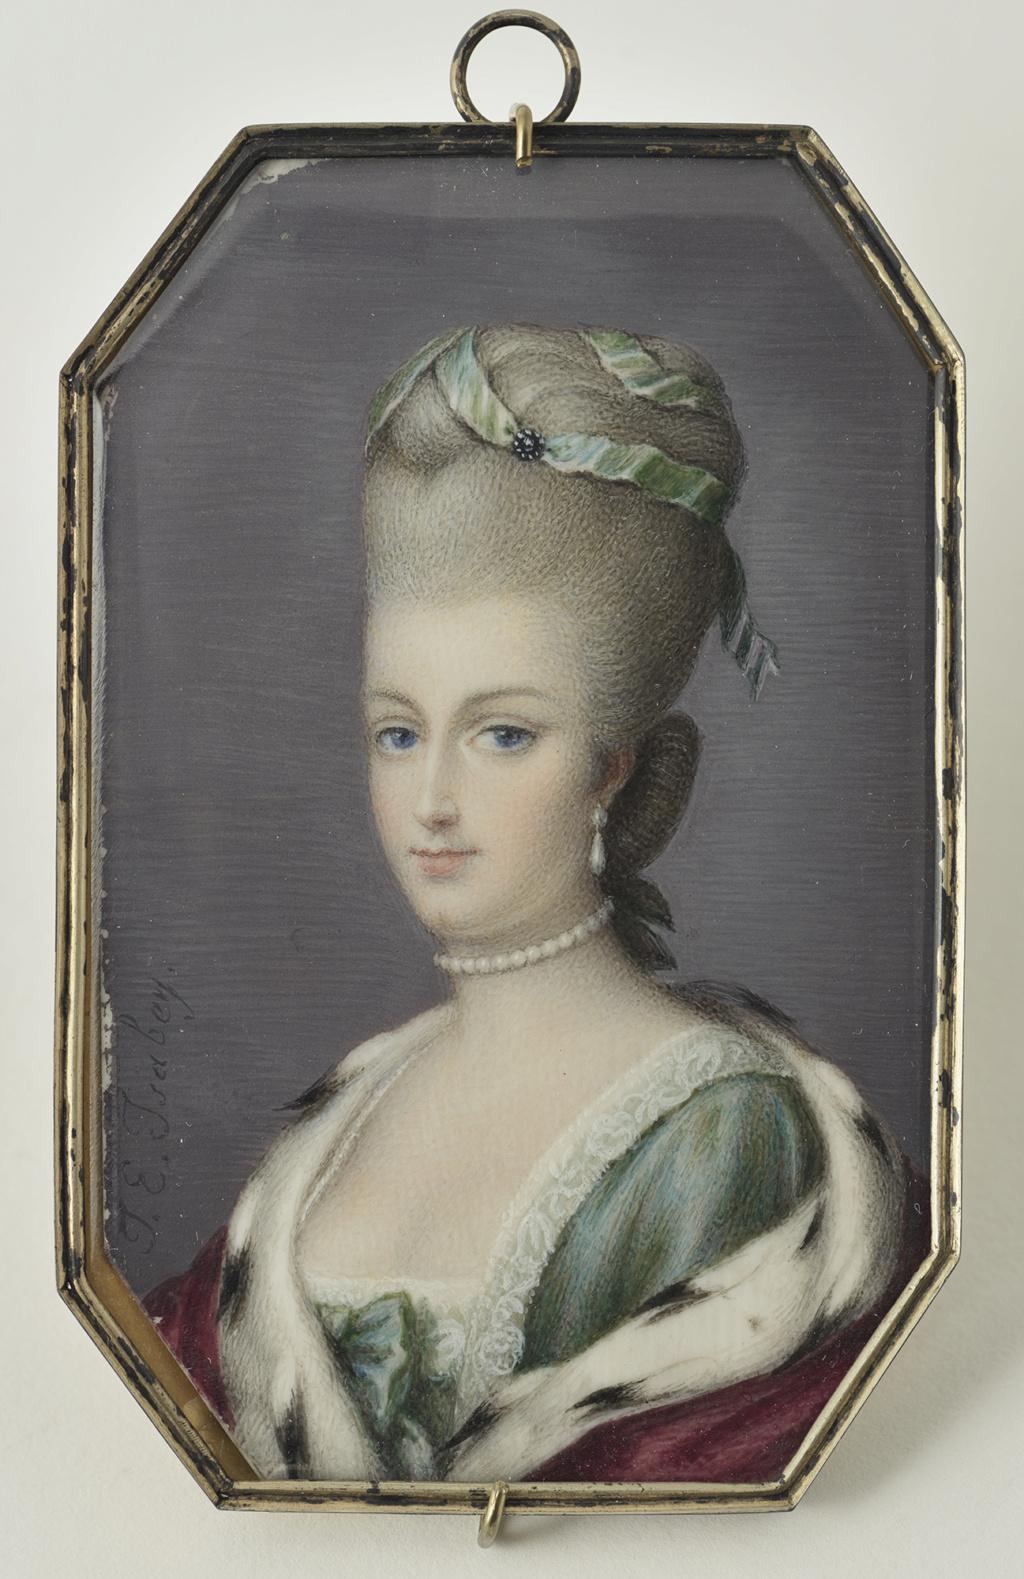 Portraits de Marie-Antoinette : les gravures, estampes, mezzotintes, aquatintes etc.  - Page 3 01321710